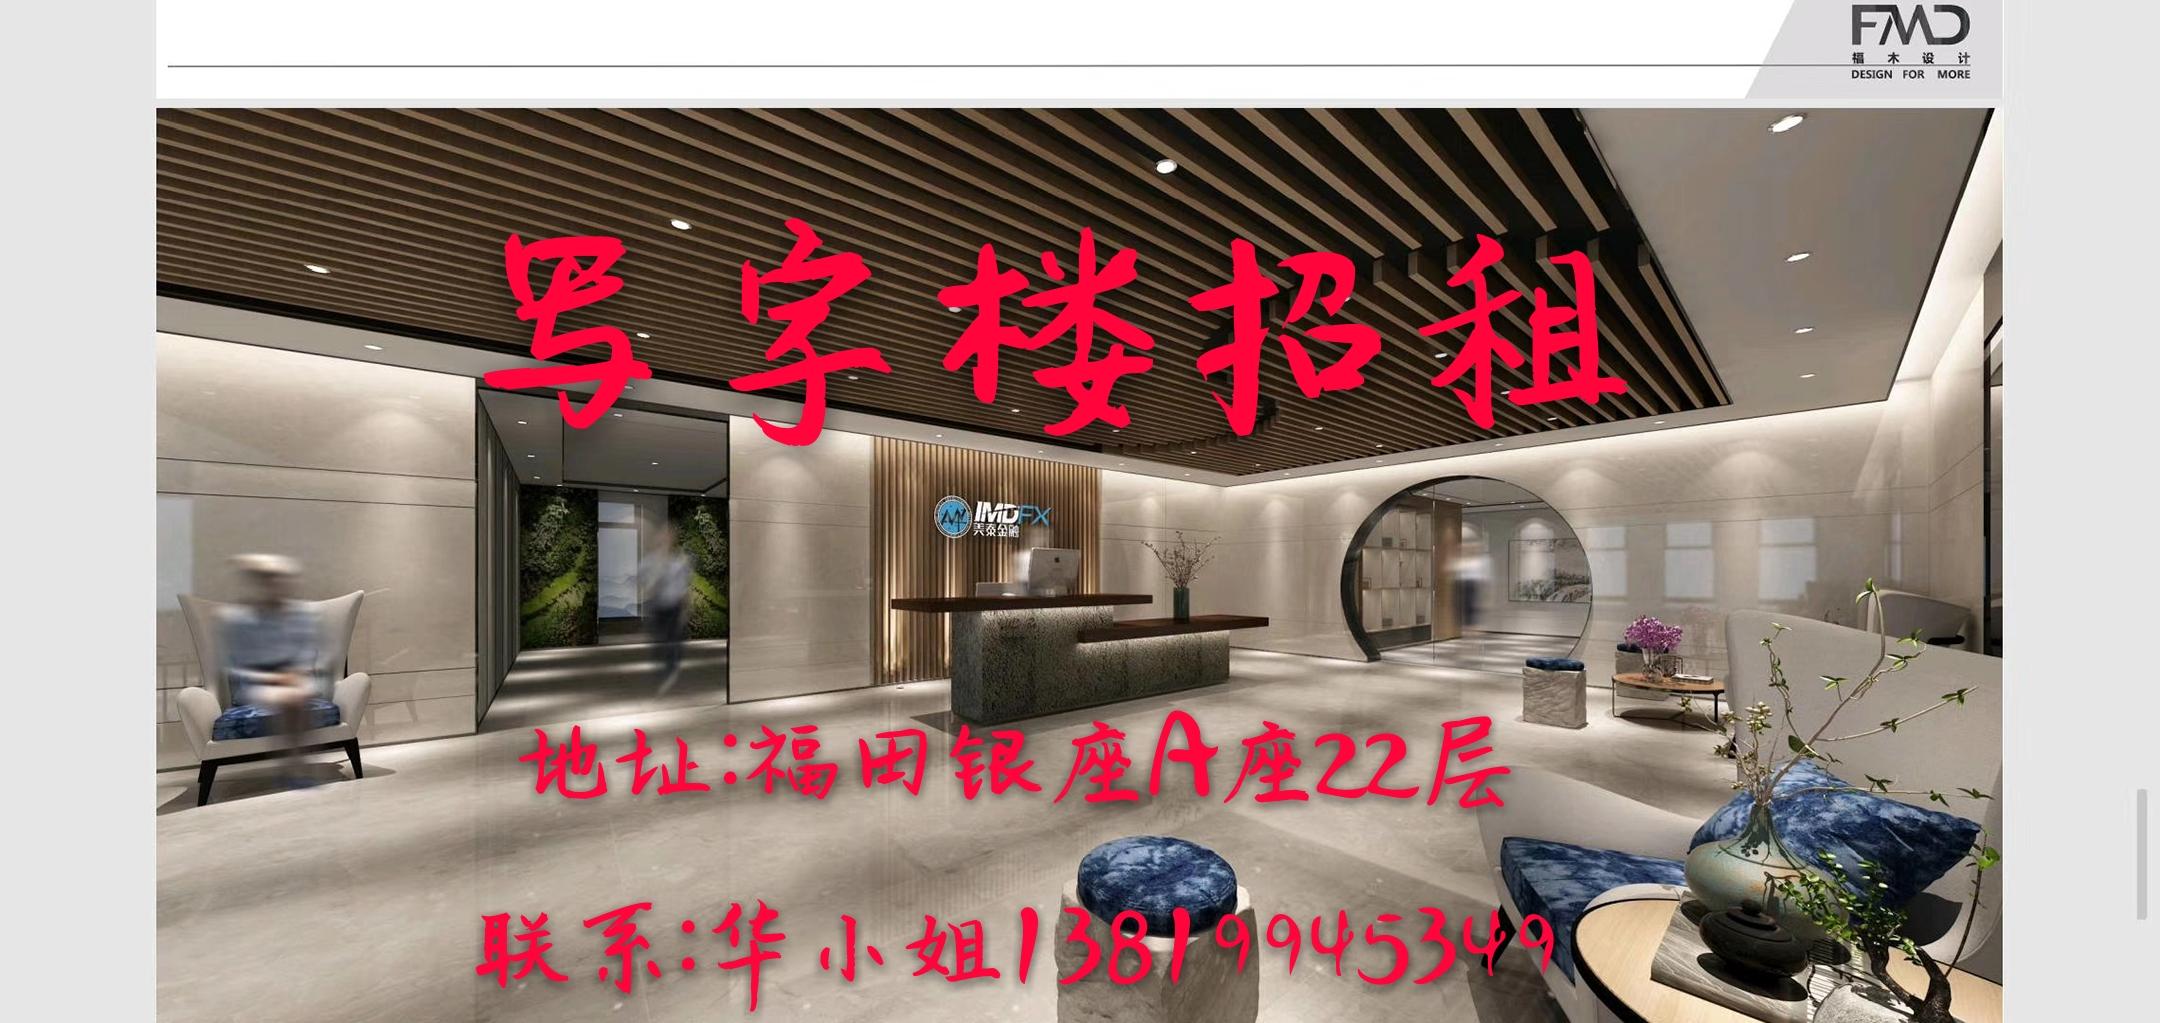 业主直租福田银座A座-简装带家具-拎包入驻